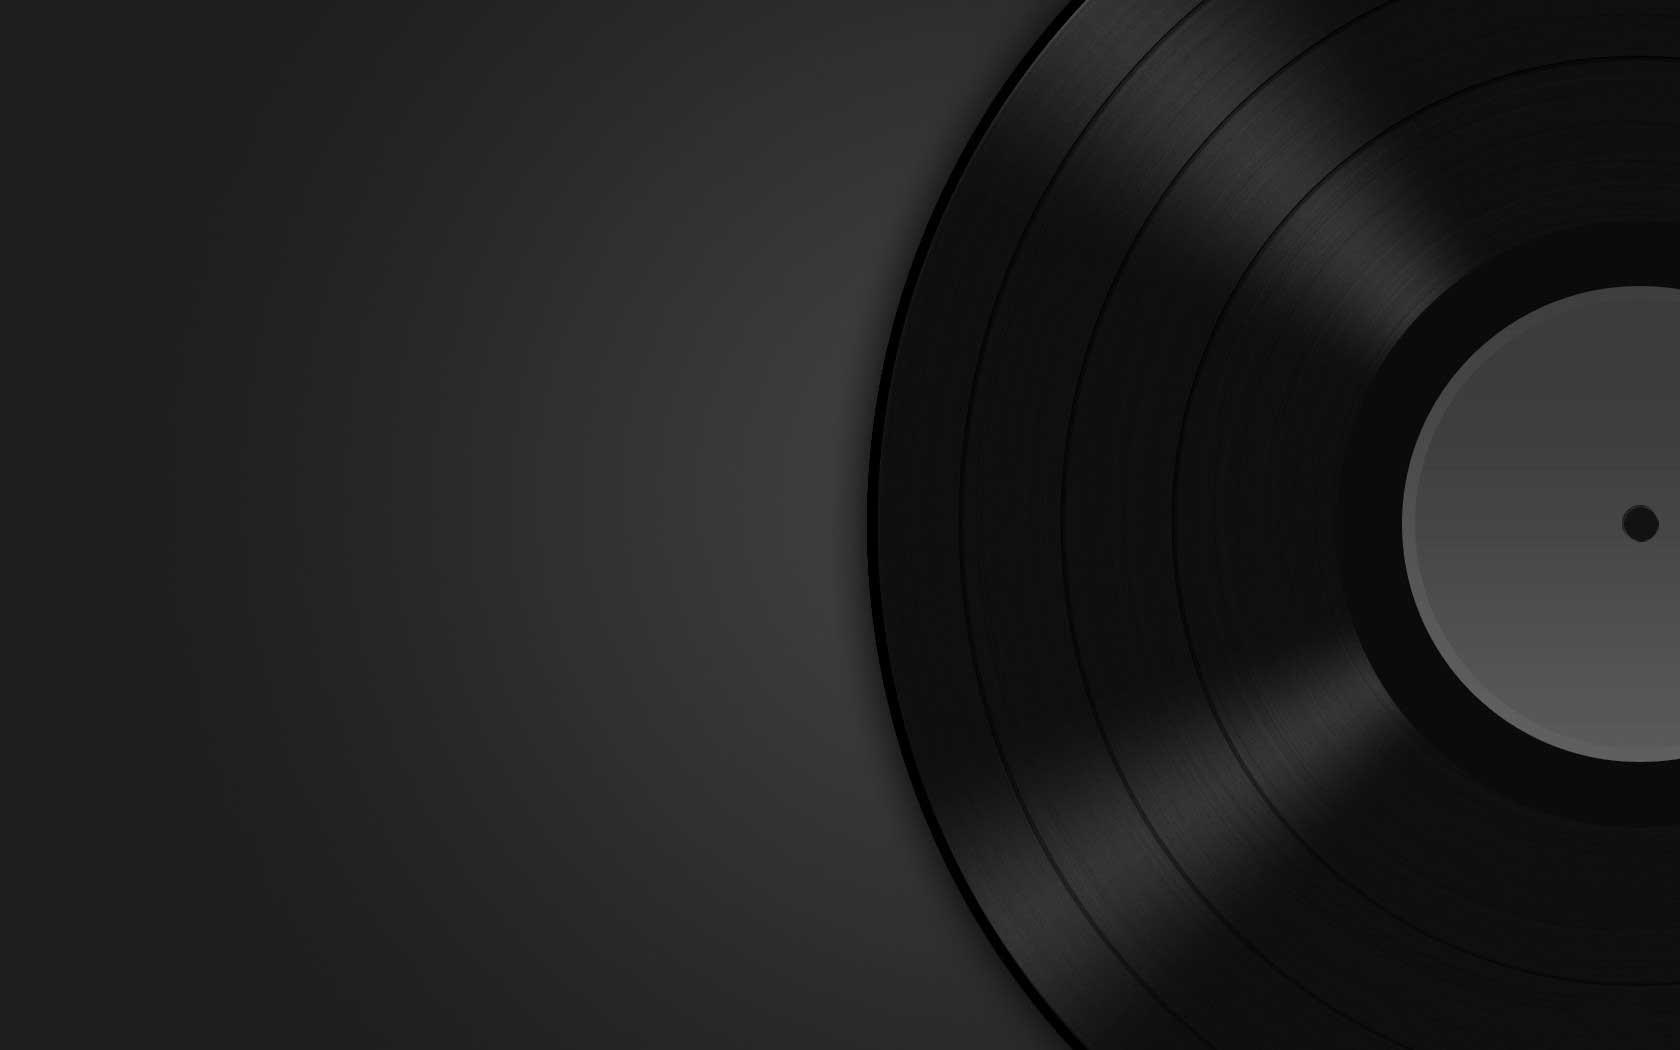 1680x1050 vinyl strike wallpaper music and dance wallpapers for House music vinyl